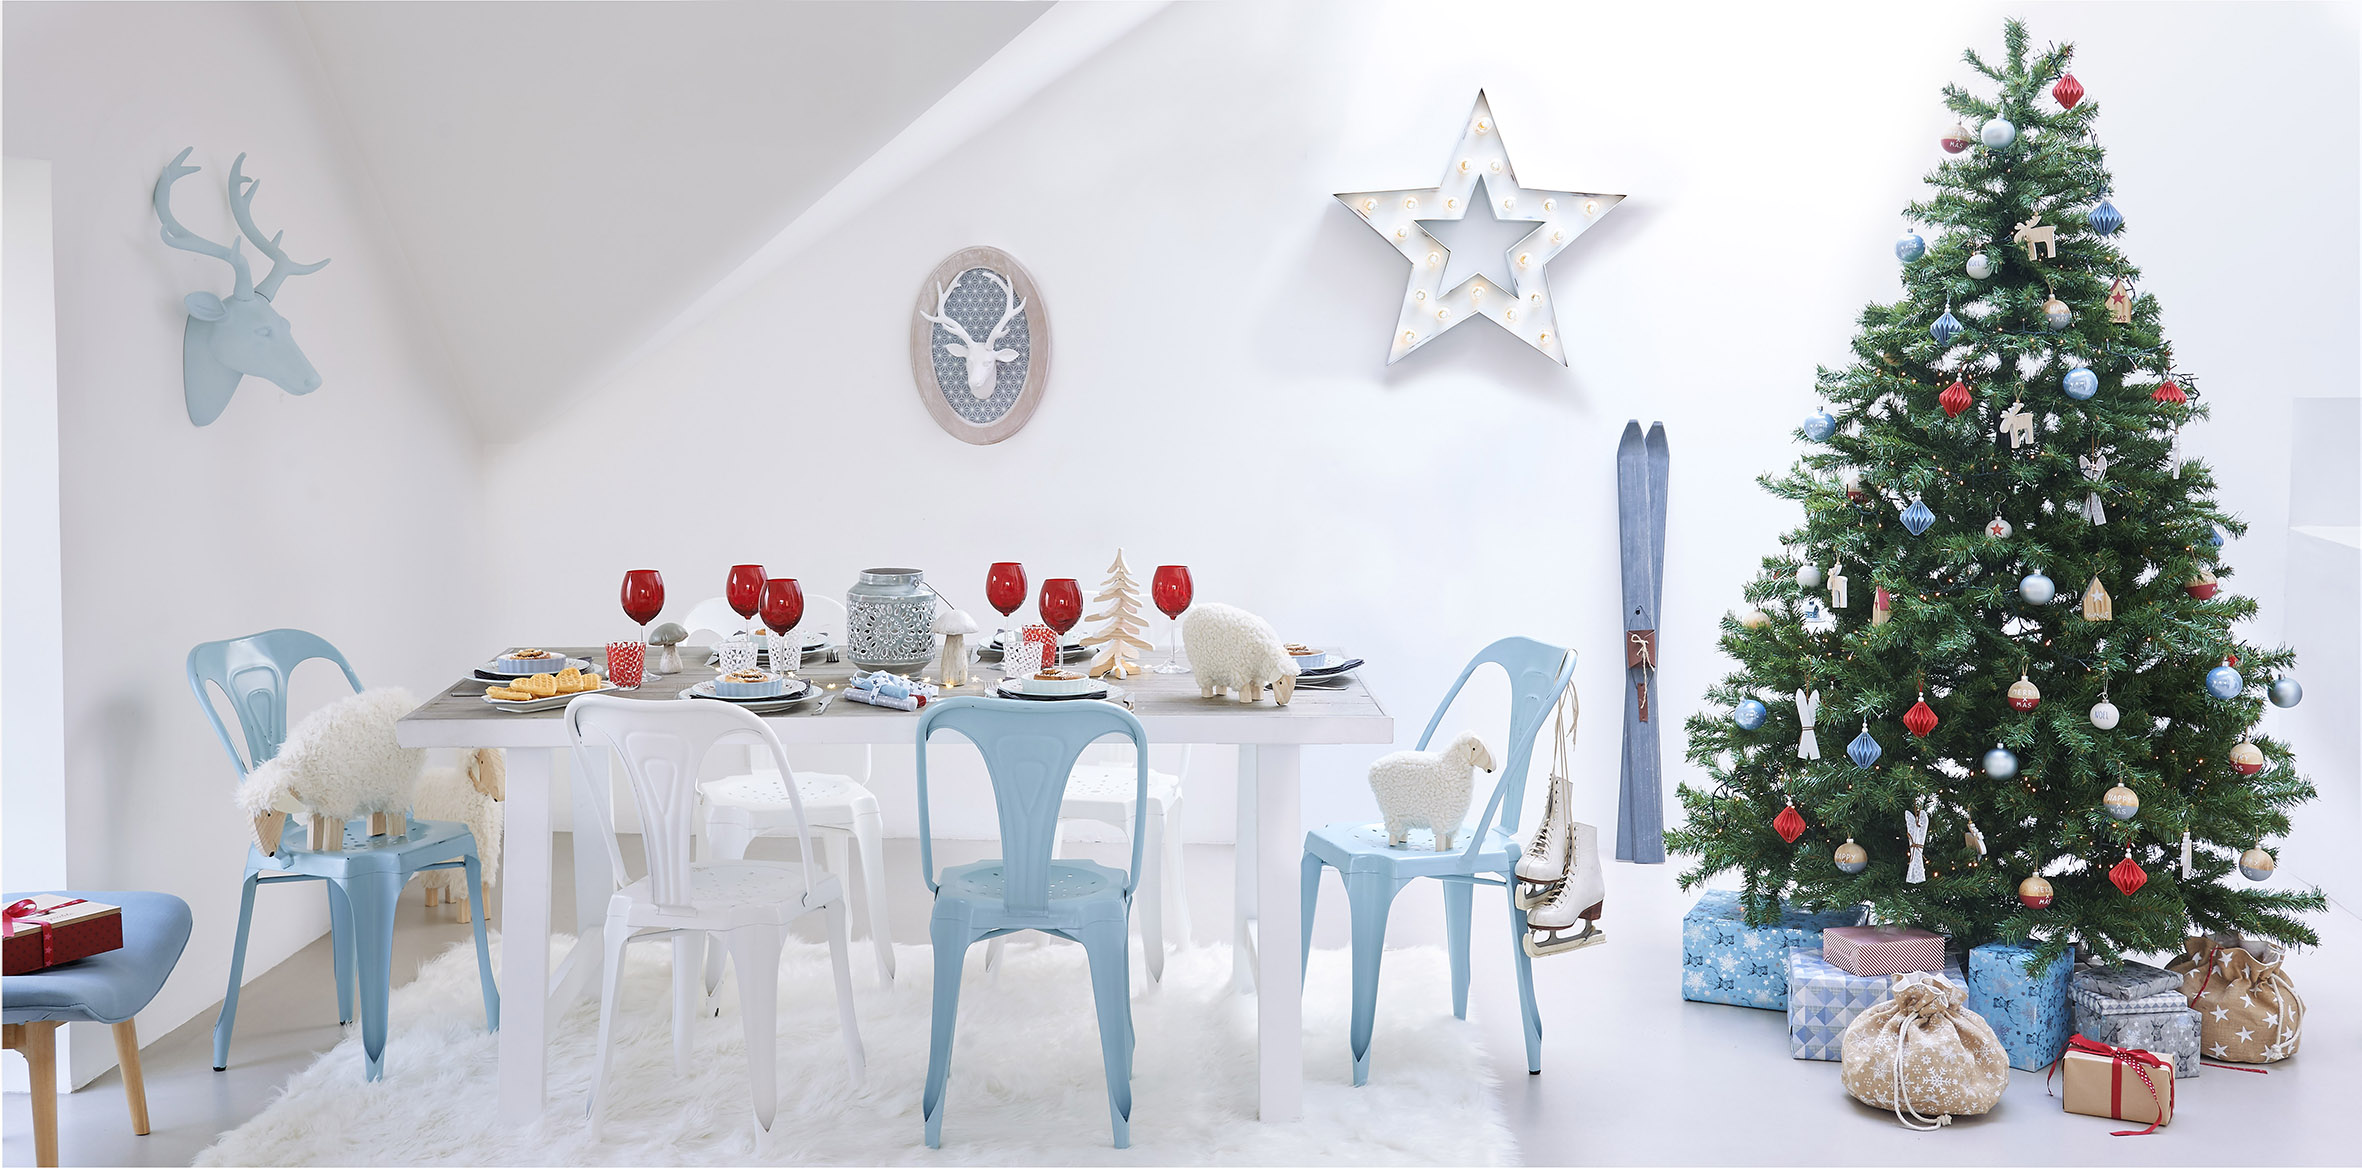 6 colecciones diferentes para decorar la navidad con for Adornos navidenos la maison du monde